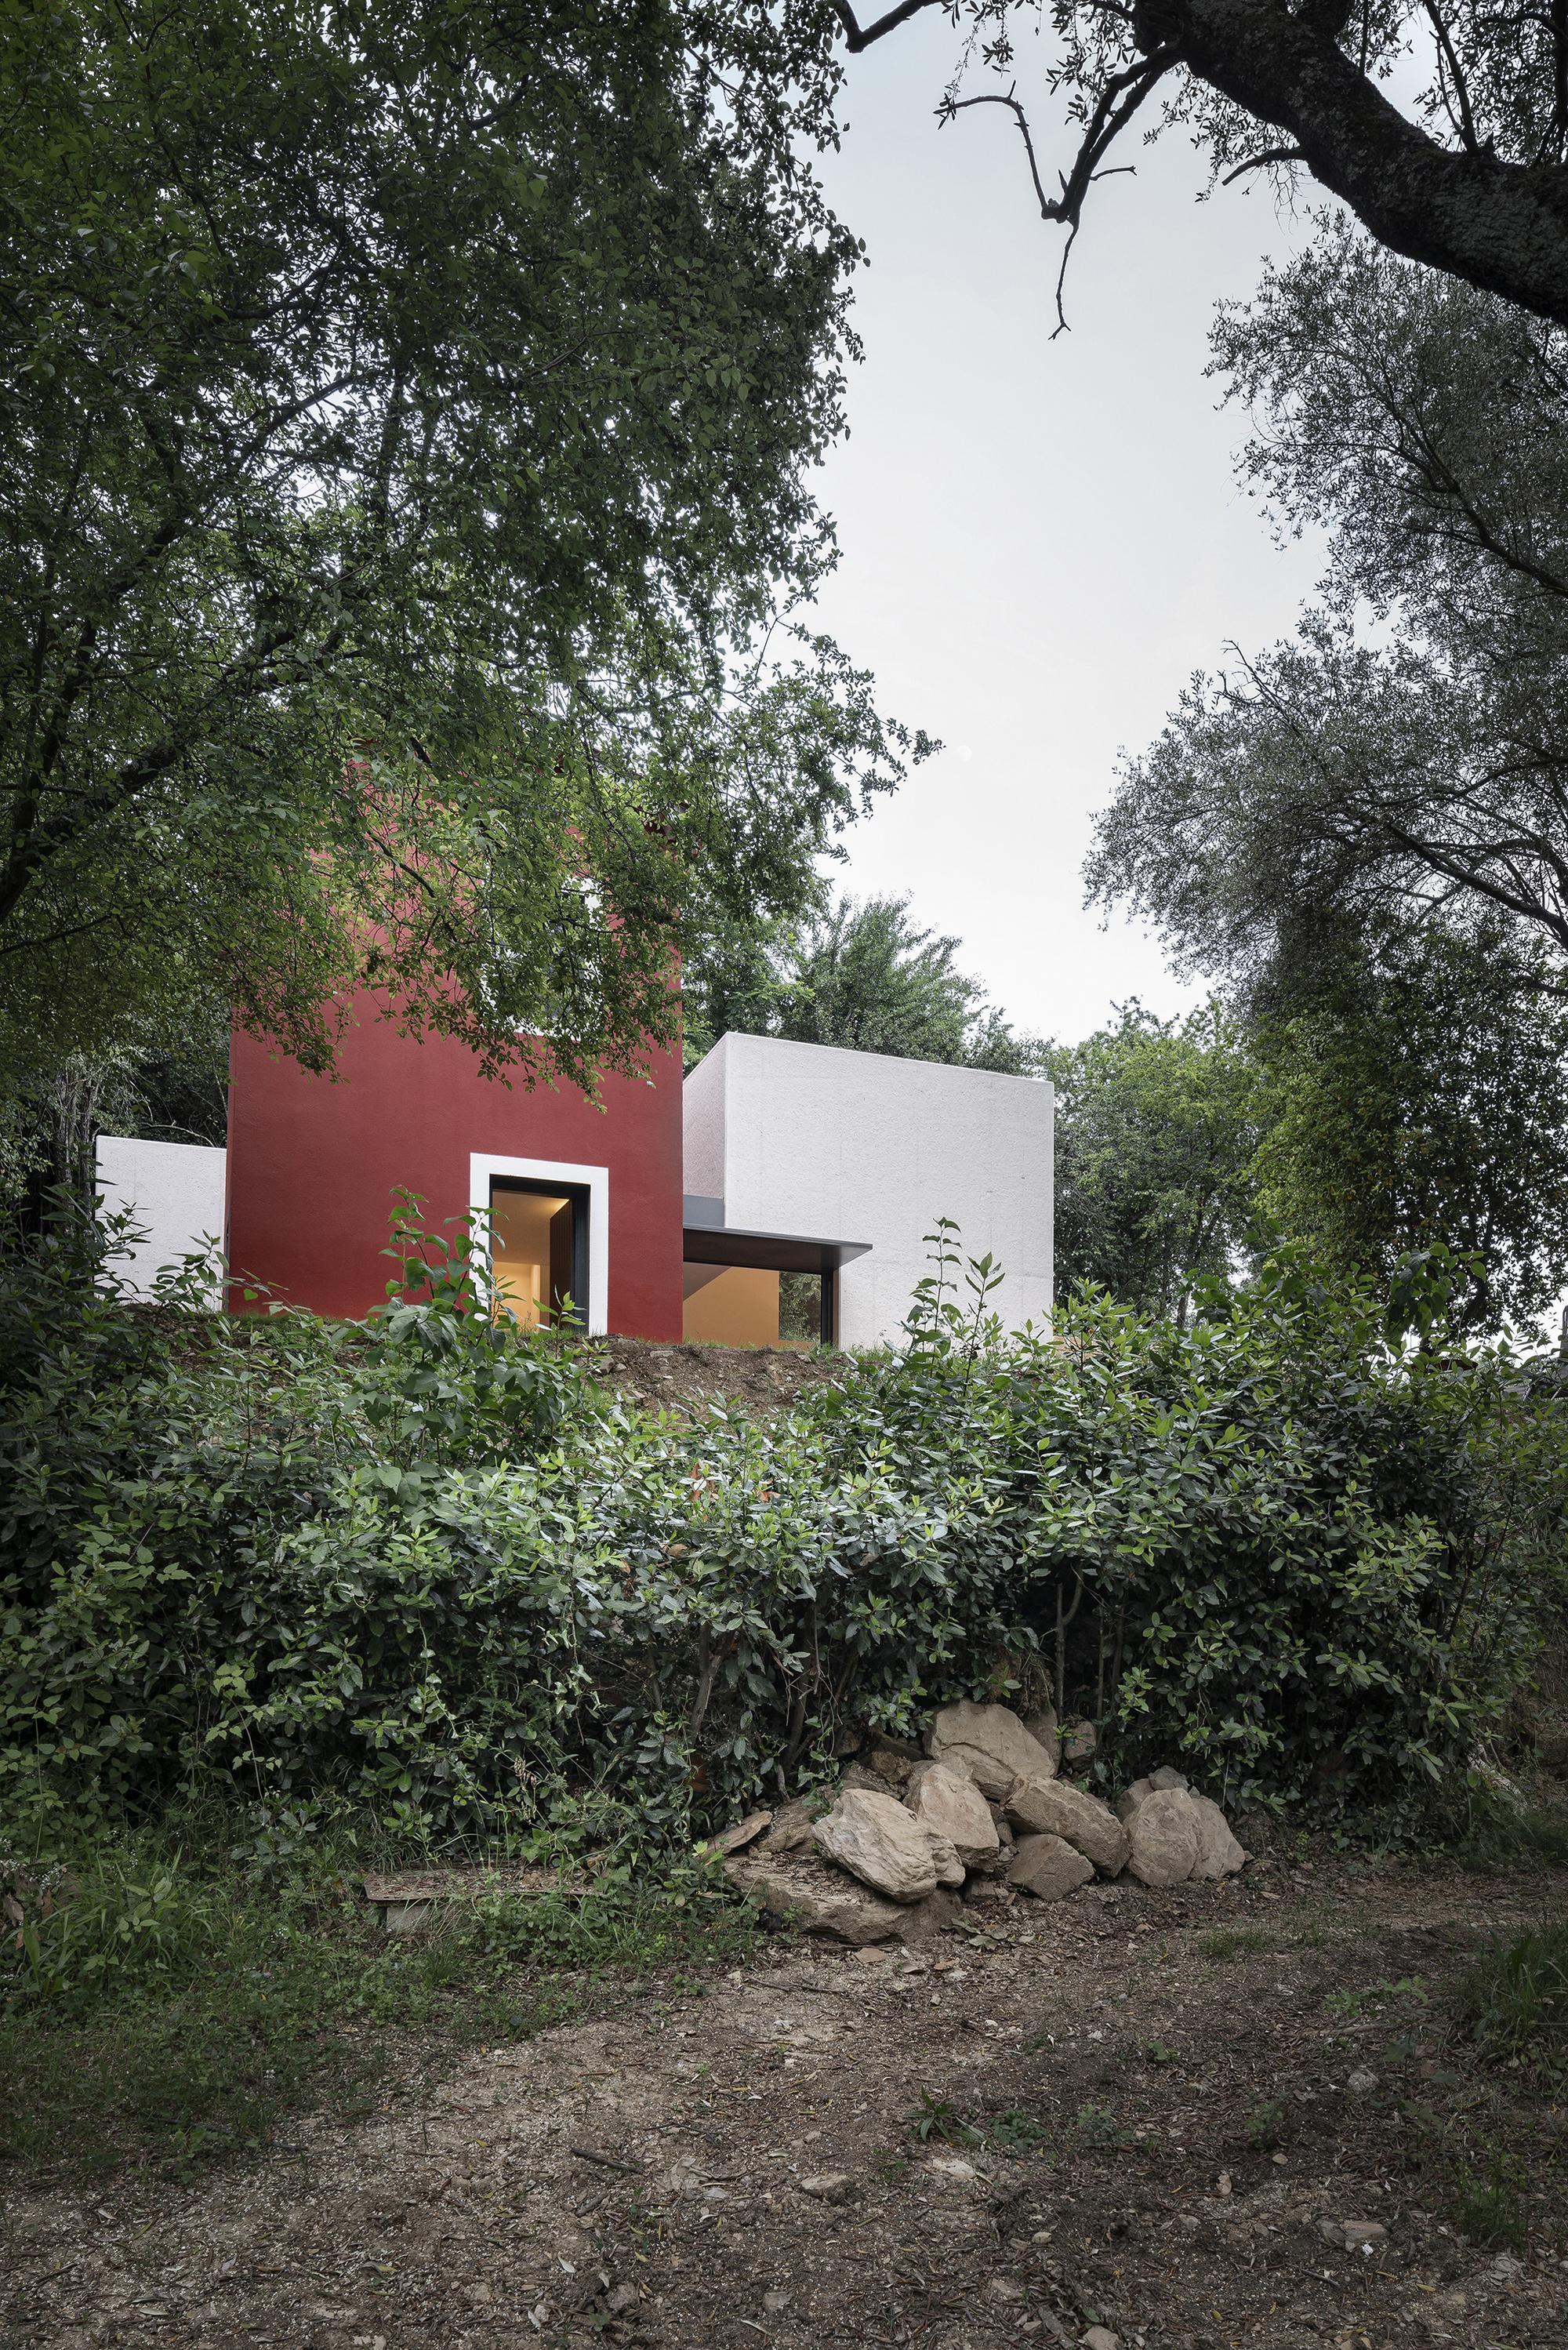 Galer a de rehabilitaci n de una casa rural cyril ch nebeau 13 - Rehabilitacion casa rural ...